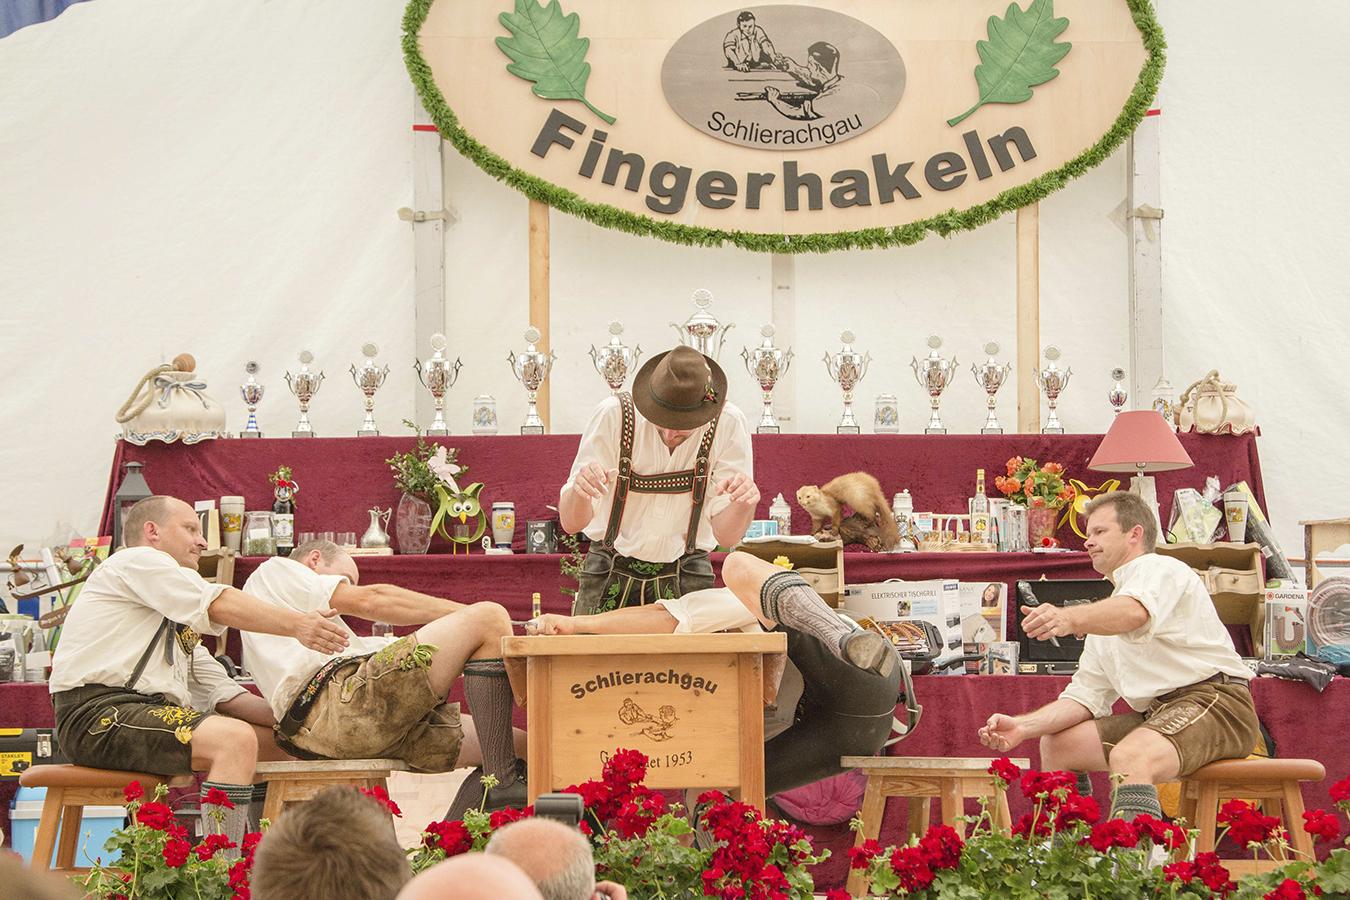 Reichvilser-Katharina_fingerhakeln_3